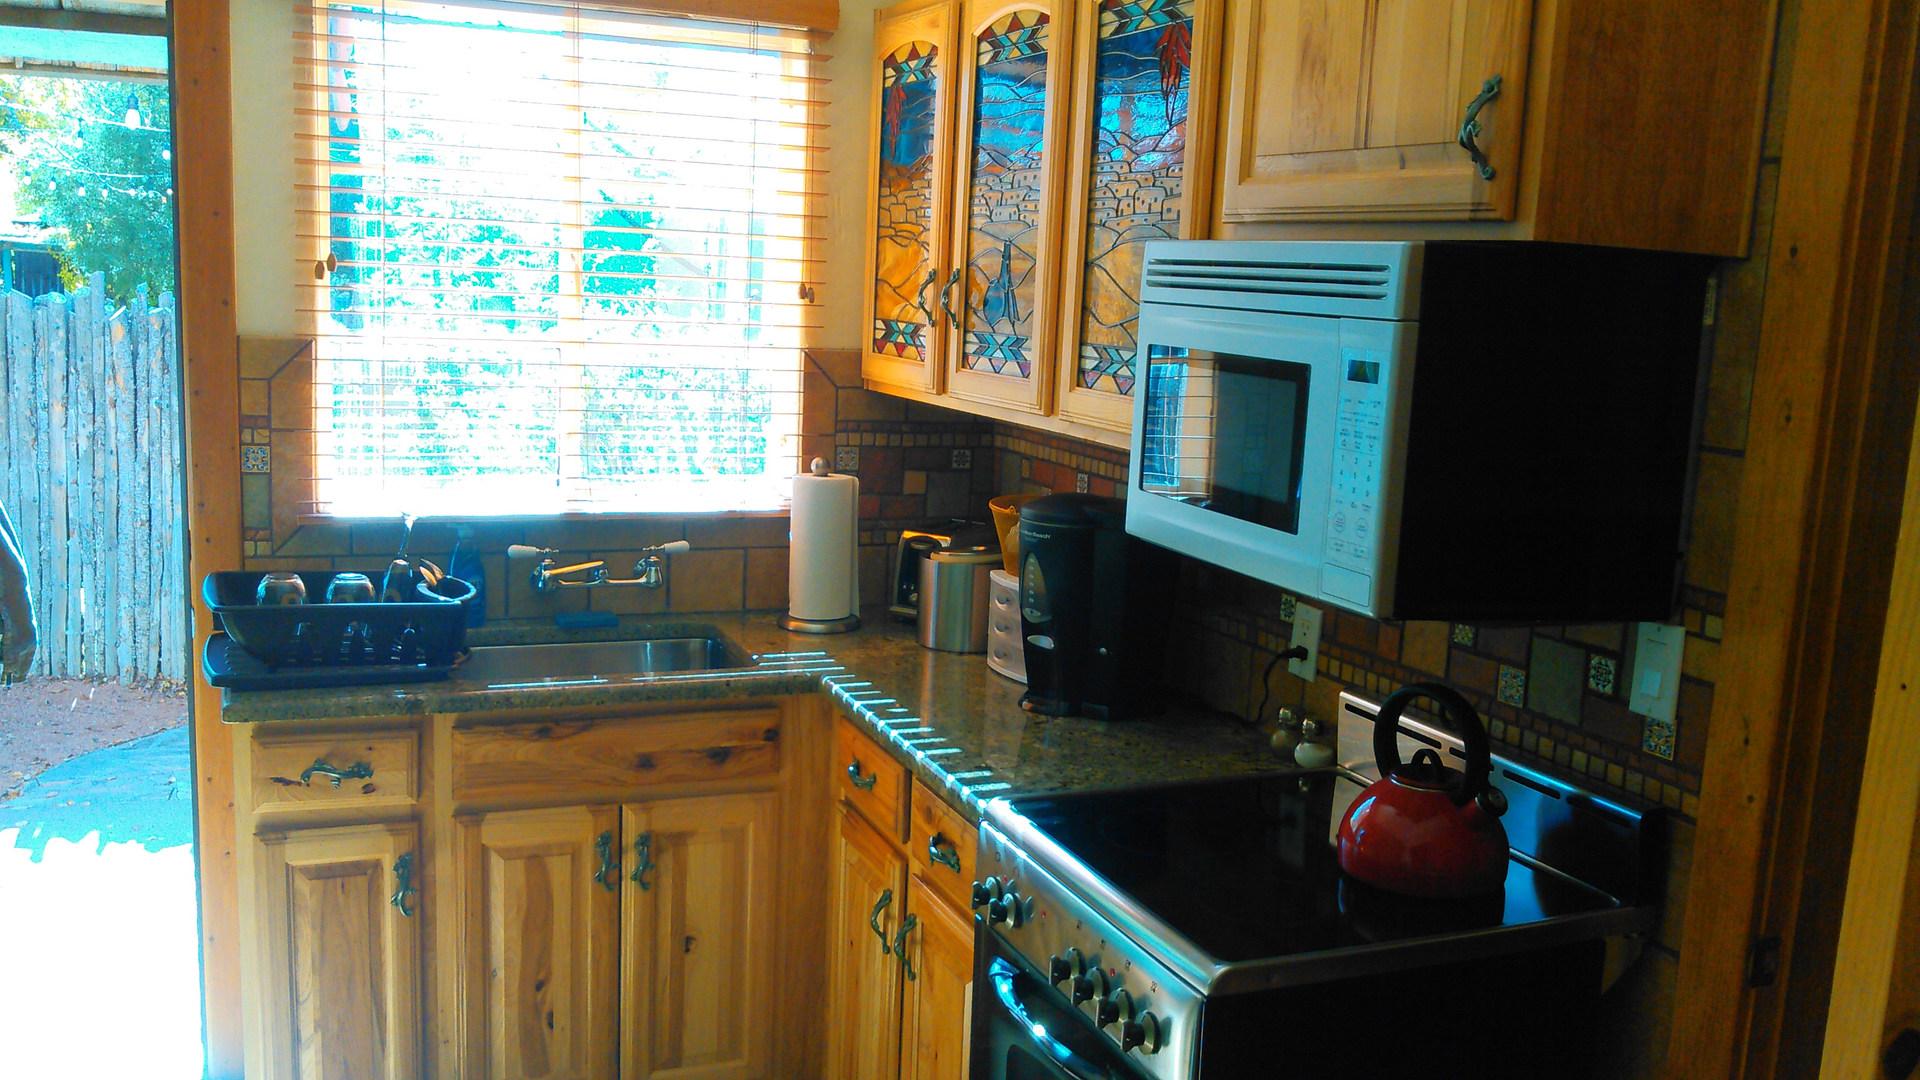 kitchen cabinets3.jpg